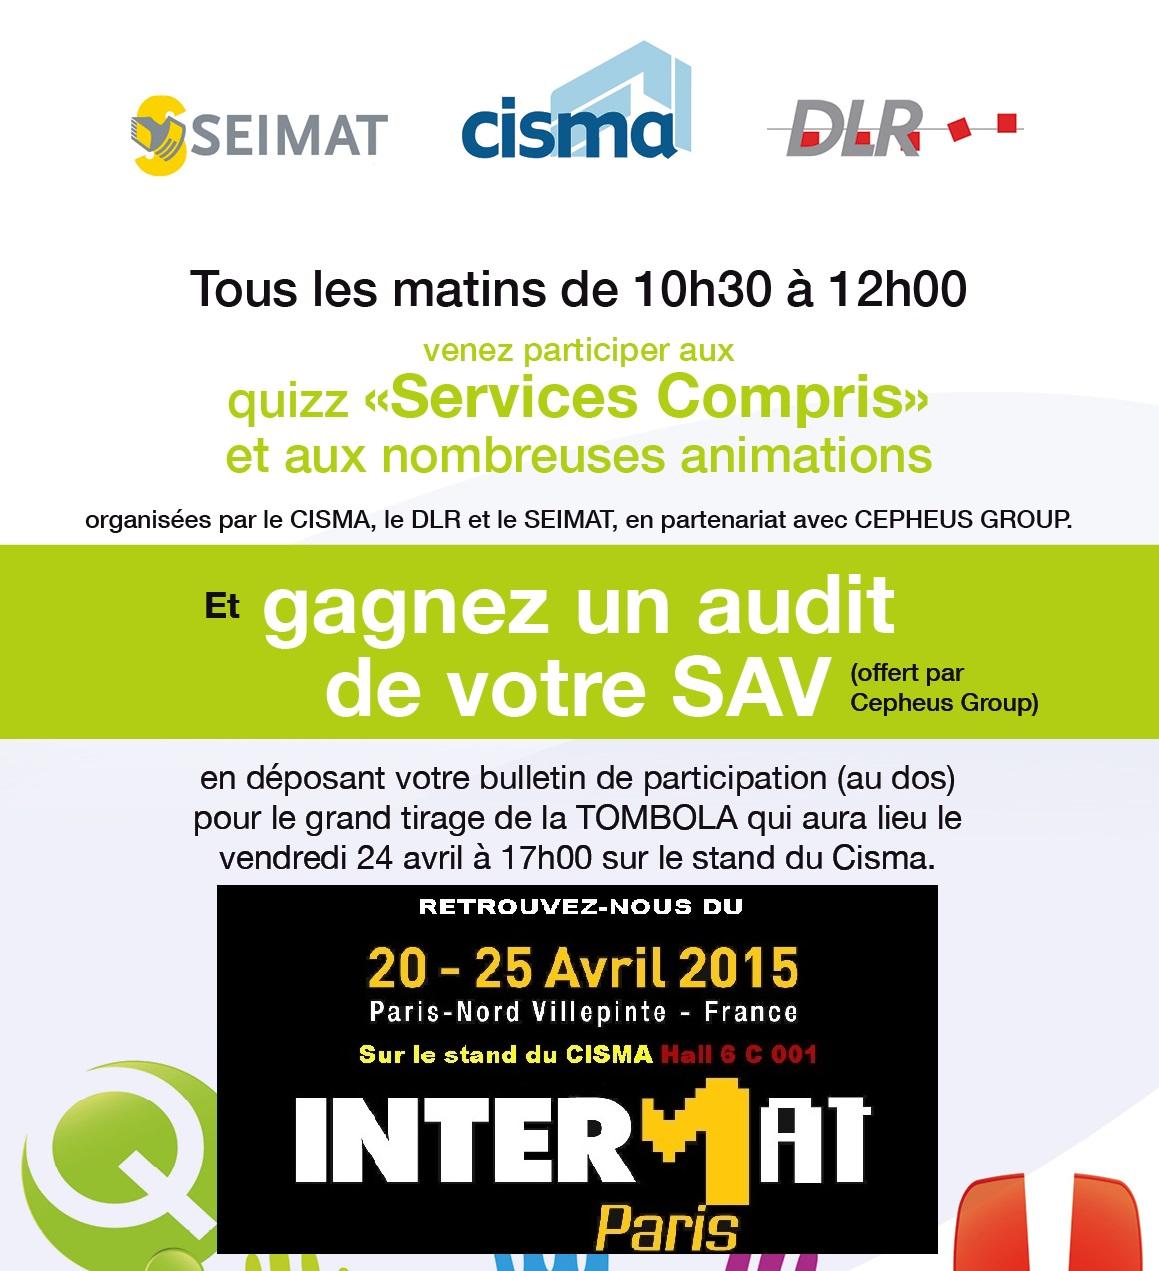 Cepheus Group est présent sur Intermat 2015 et organise une tombola pour gagner un audit SAV